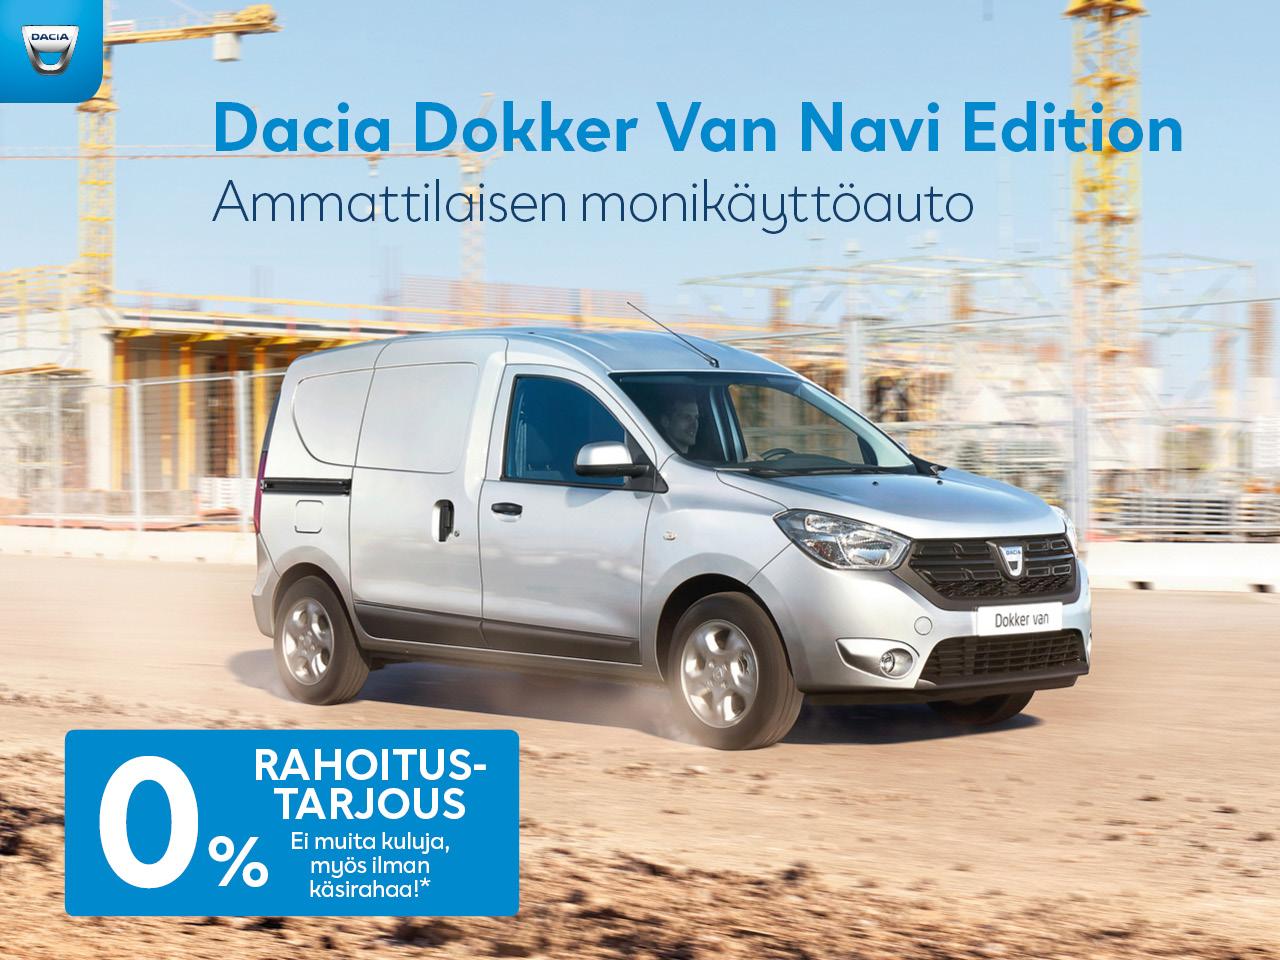 0 % korko koko Dacia tavara-automallistoon!